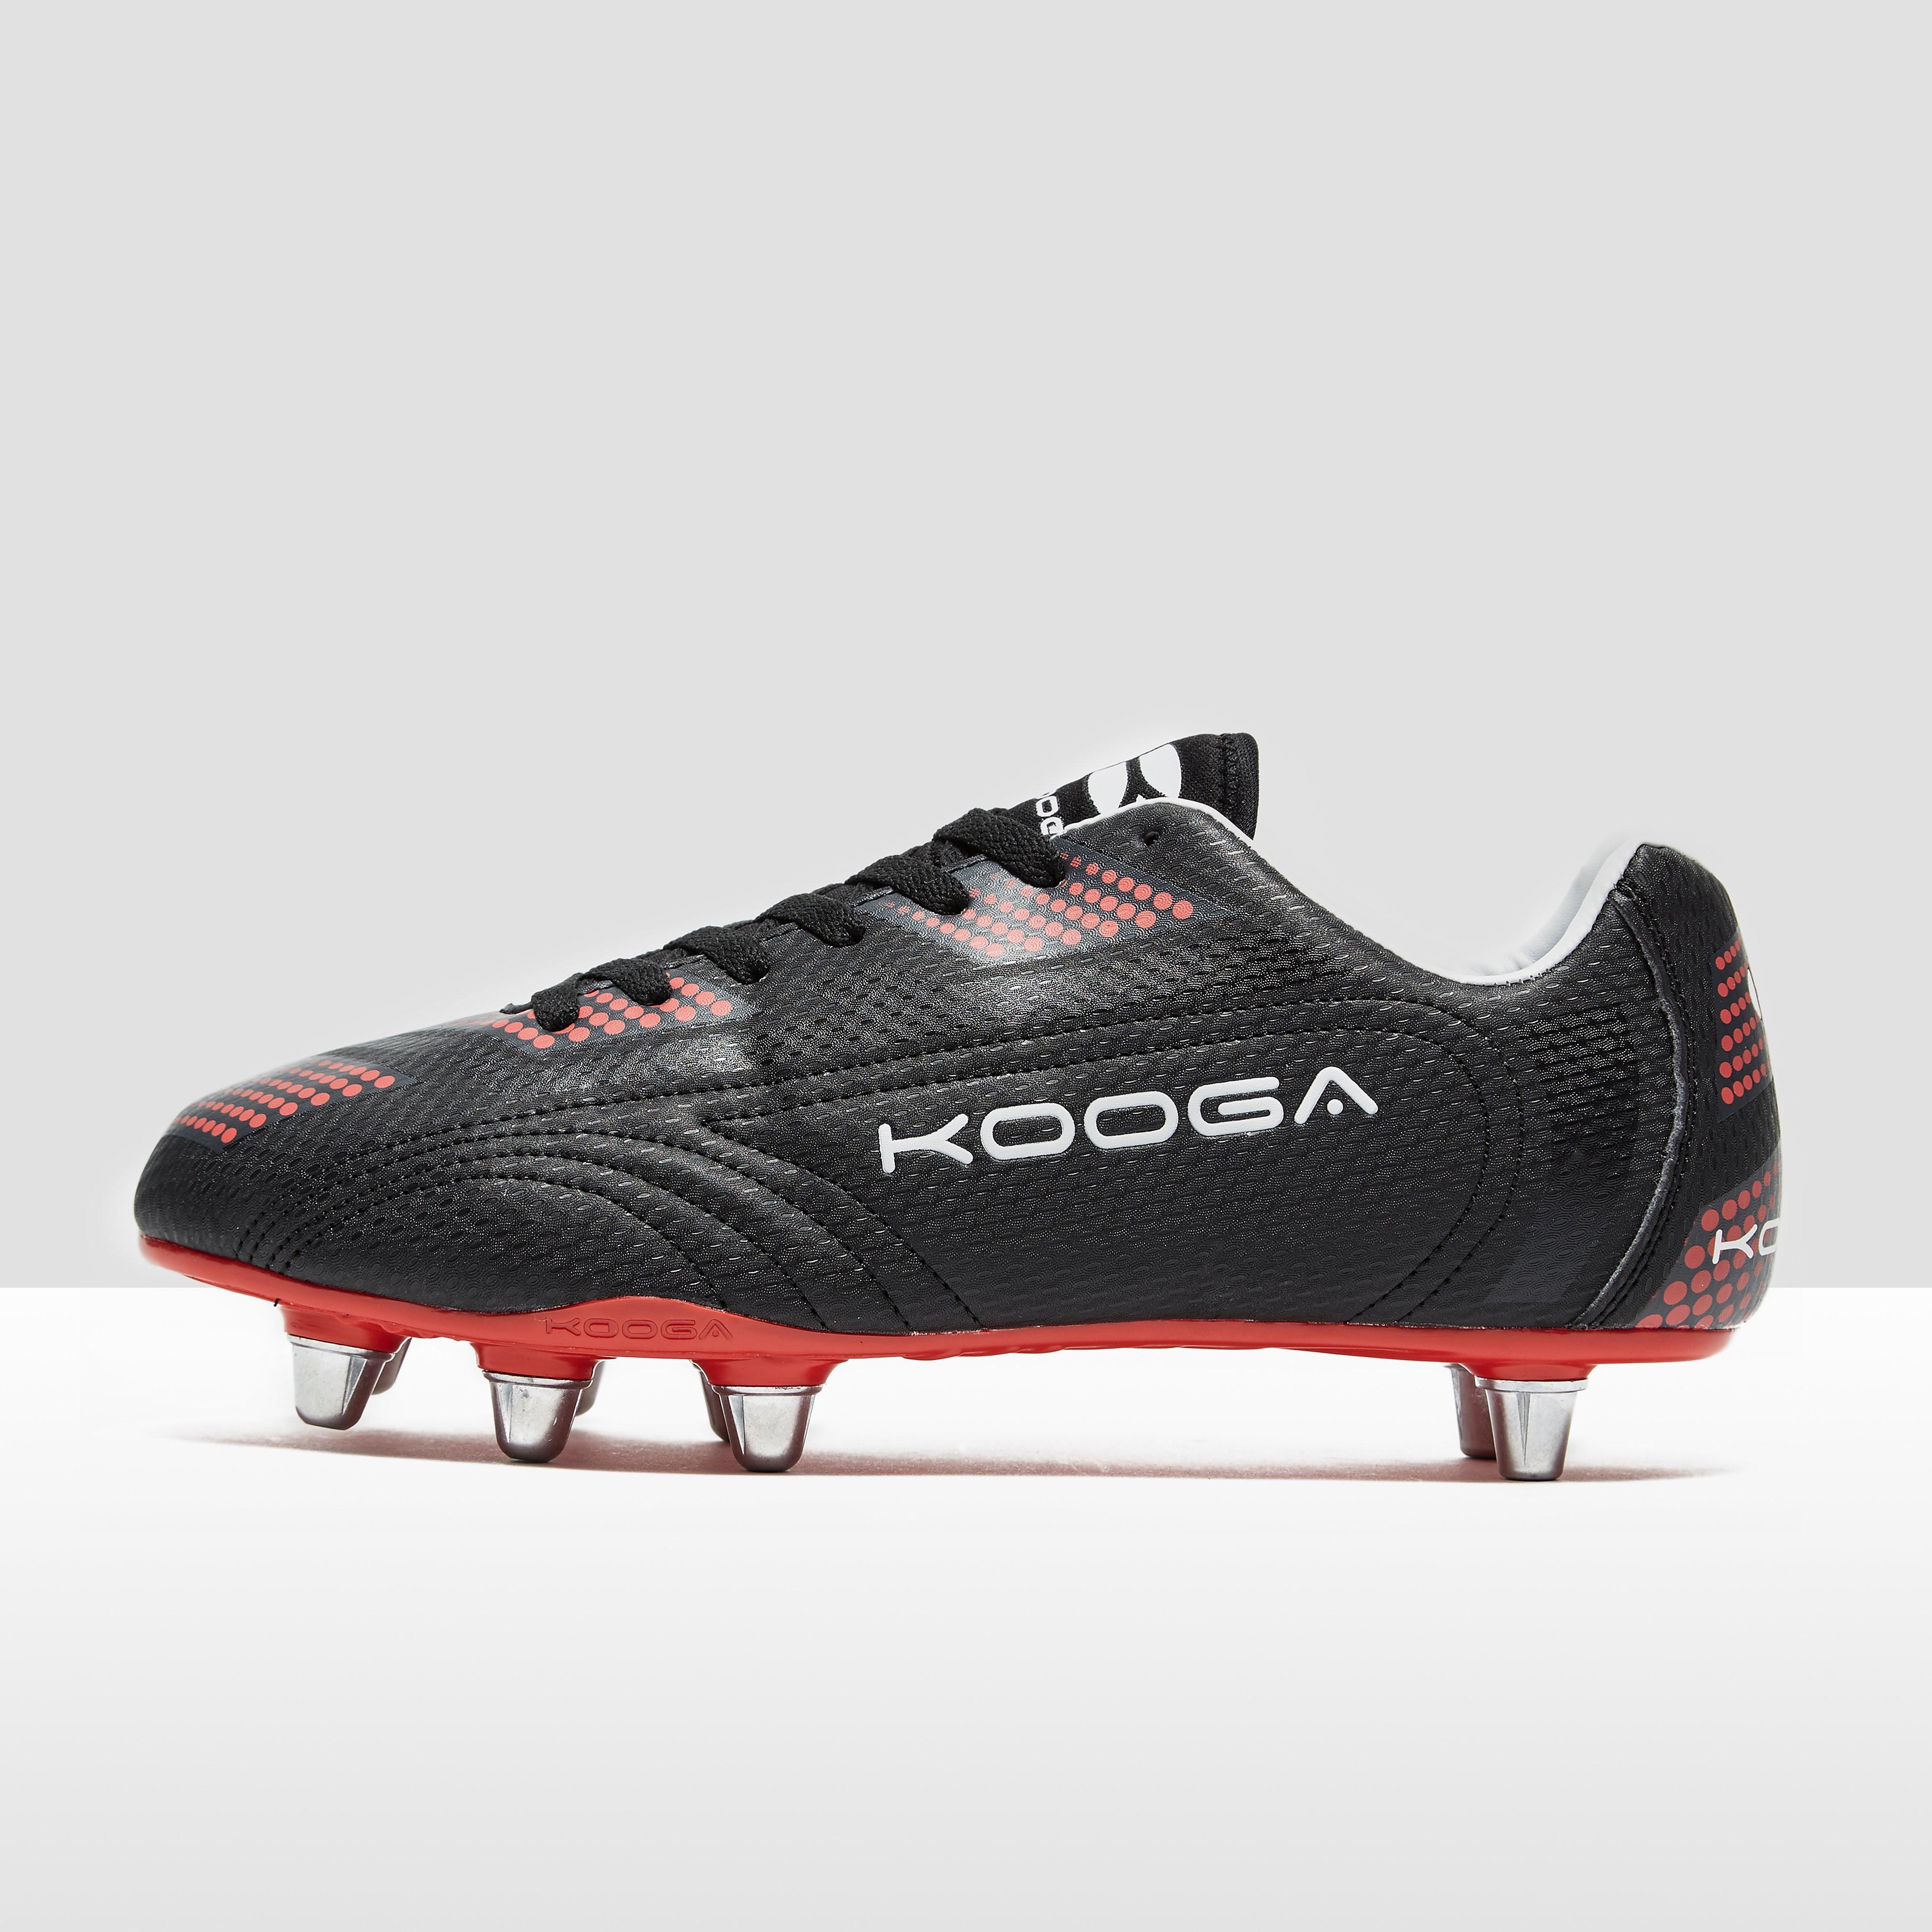 KooGa Blitz 2 Rugby Boots